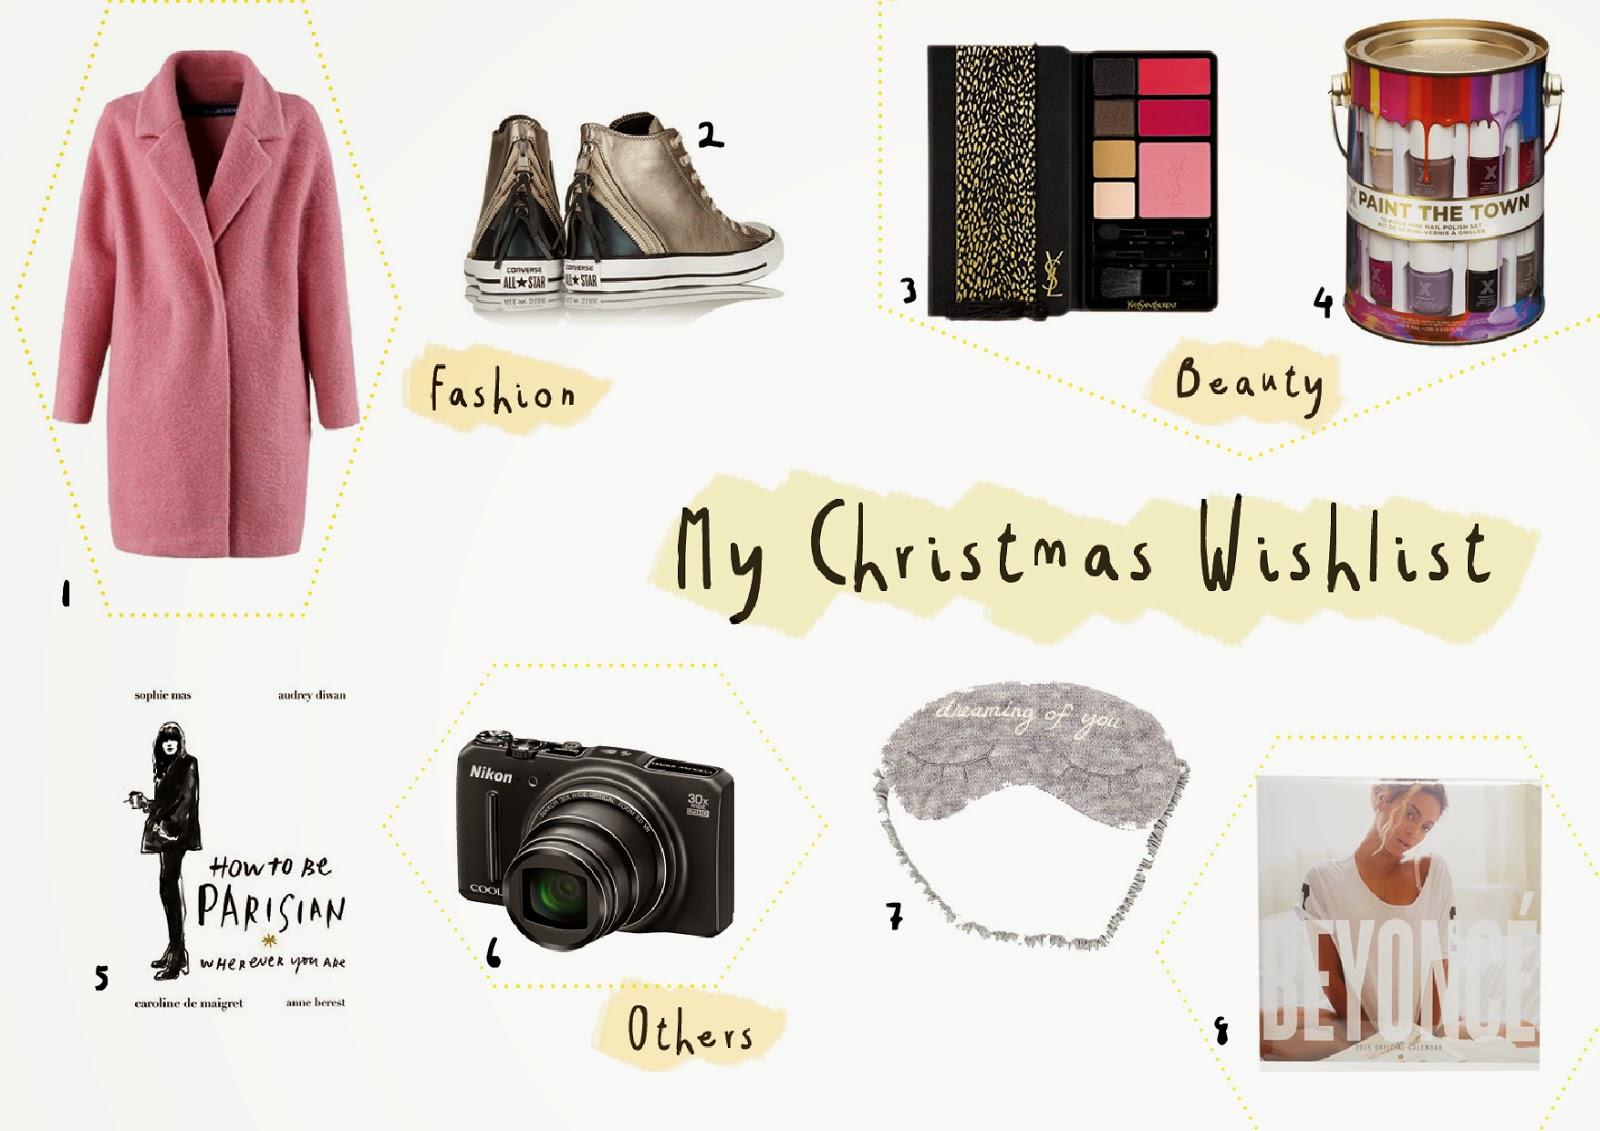 http://www.choupieandco.com/2014/12/my-christmas-wishlist.html